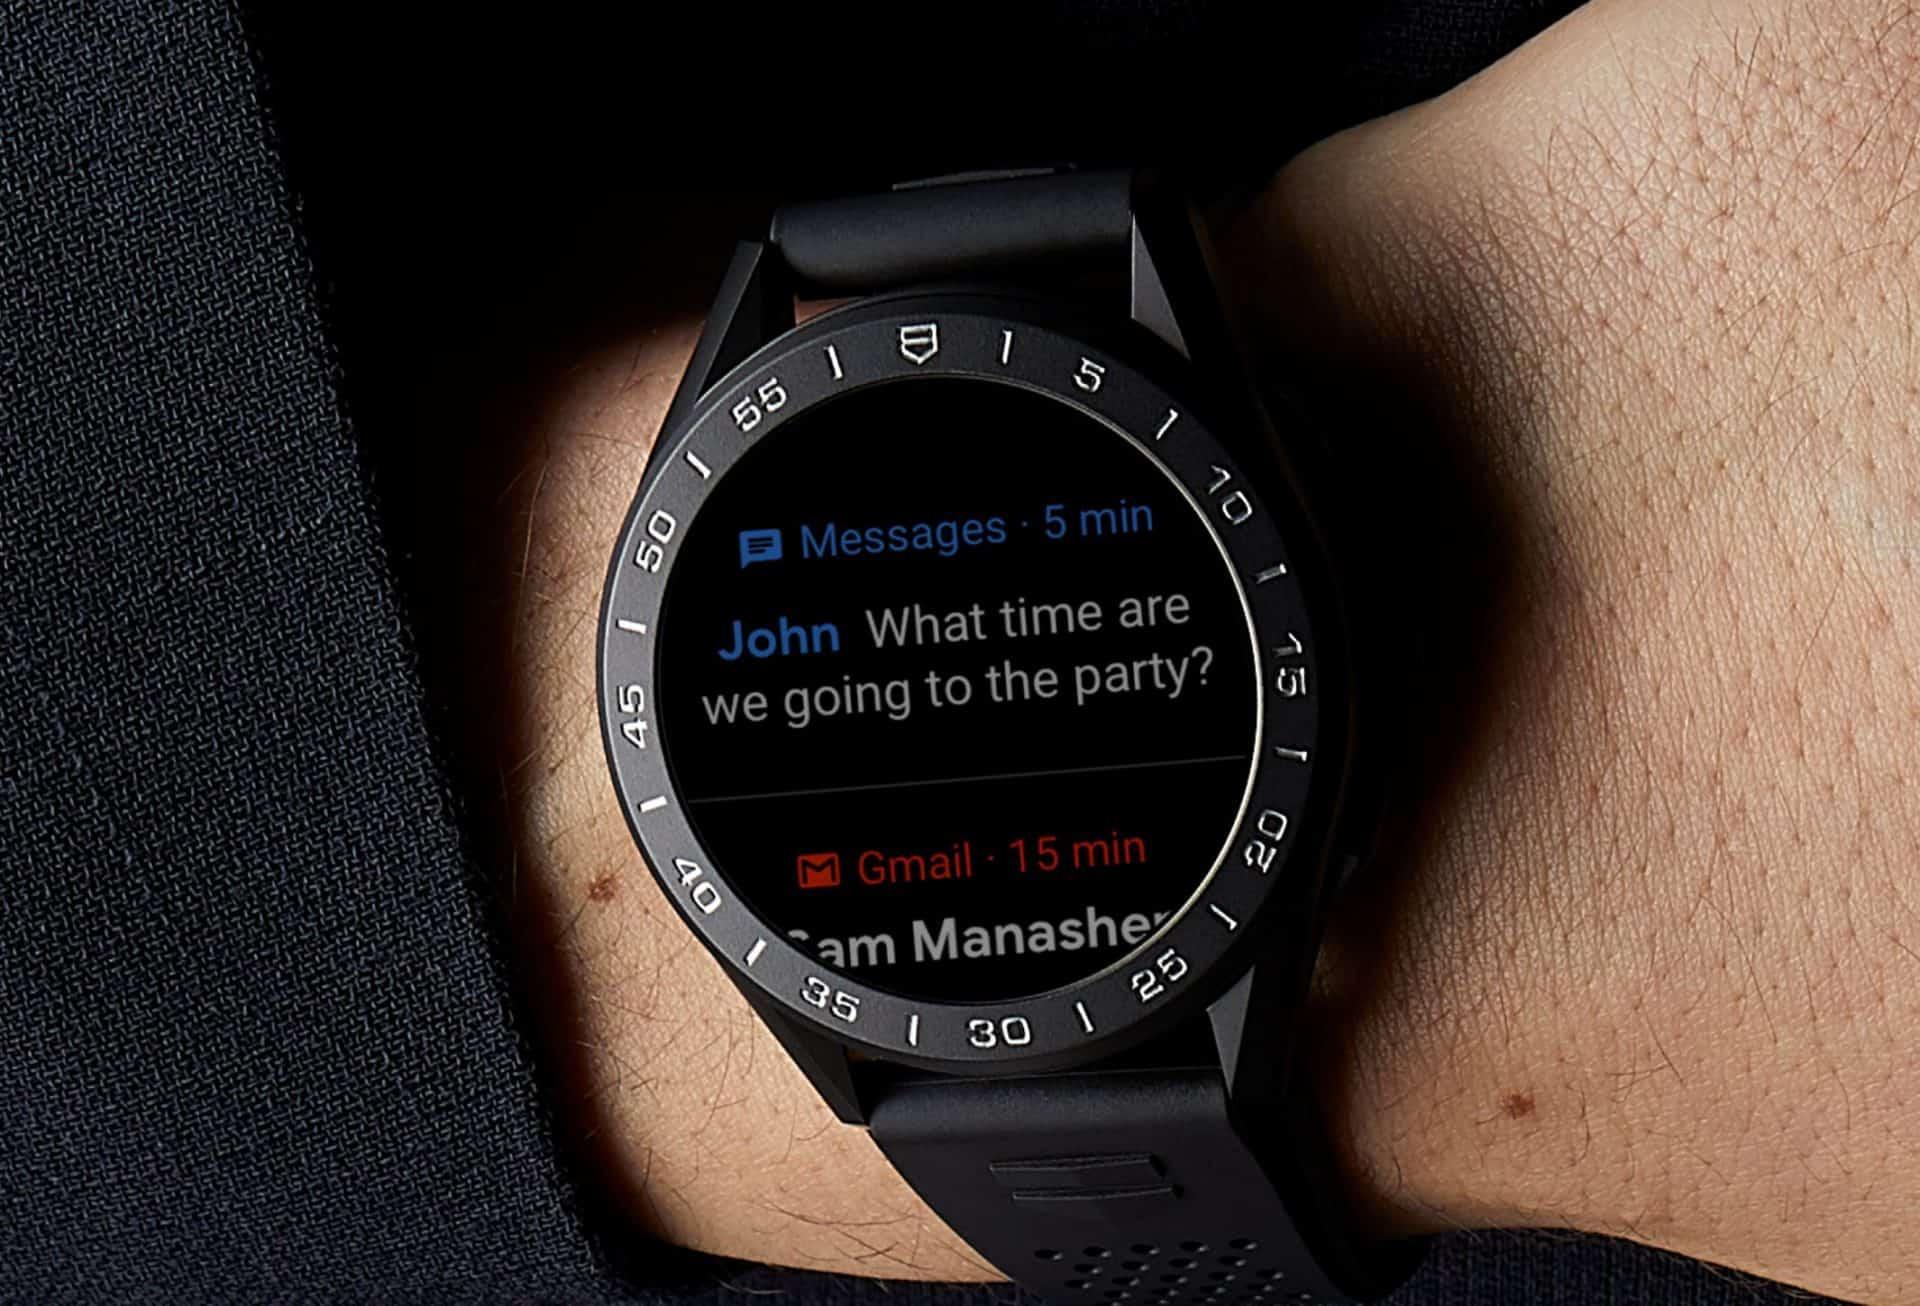 Nachrichtenfunktionen werden klassisch auf dem Display angezeigt und lassen sich personalisieren